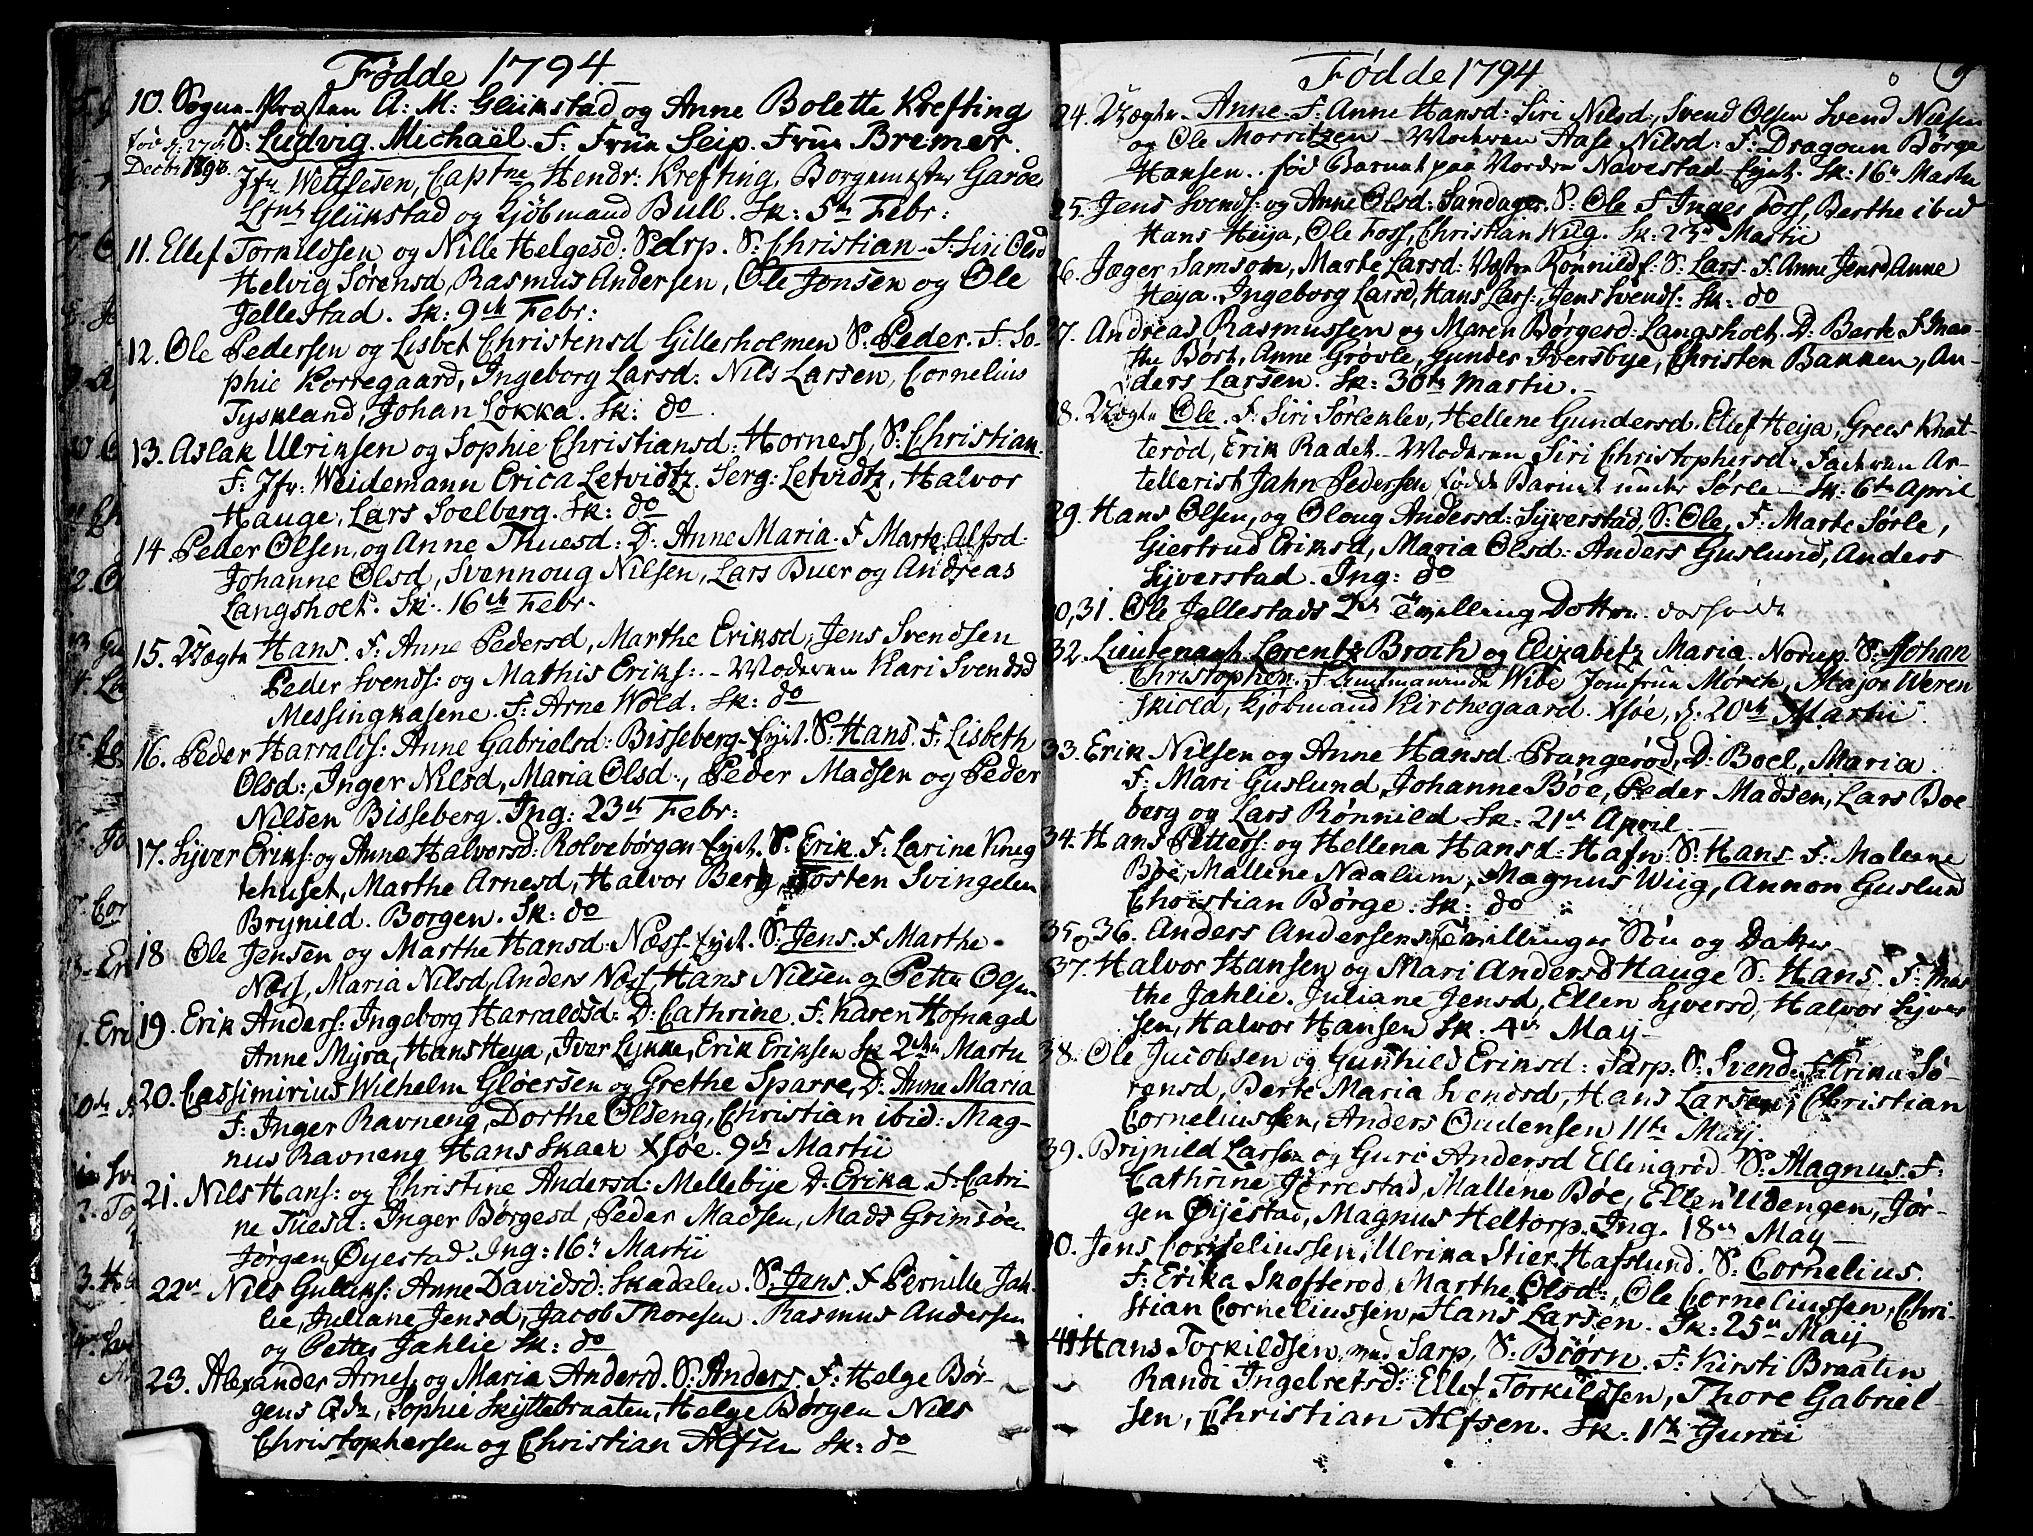 SAO, Skjeberg prestekontor Kirkebøker, F/Fa/L0003: Ministerialbok nr. I 3, 1792-1814, s. 9